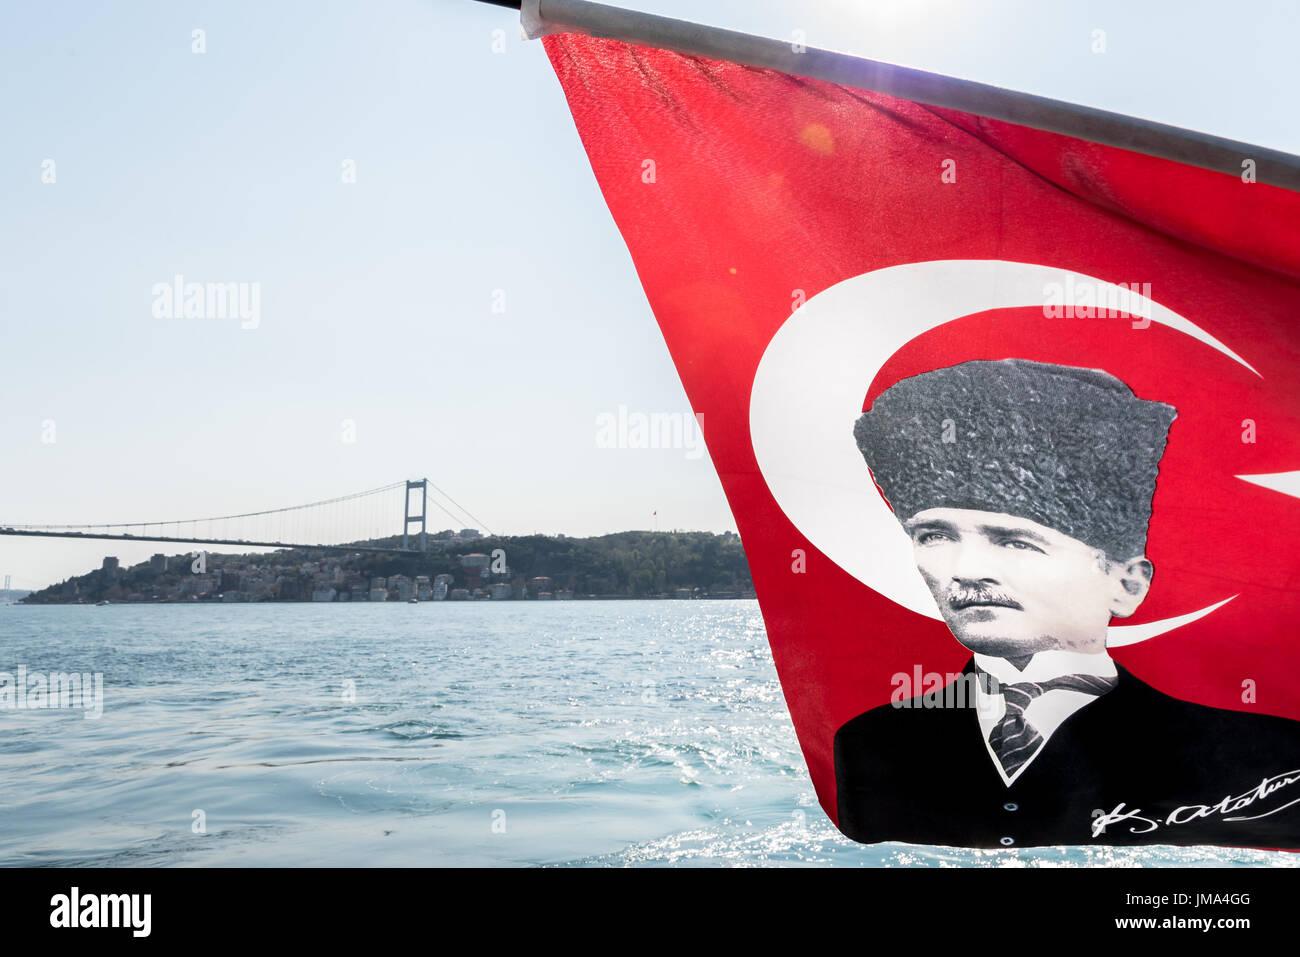 Vista del Bosforo ,Costa e baia mare dal traghetto con bandiera turca sull'immagine di Ataturk(Padre dei turchi)sventolare Foto Stock